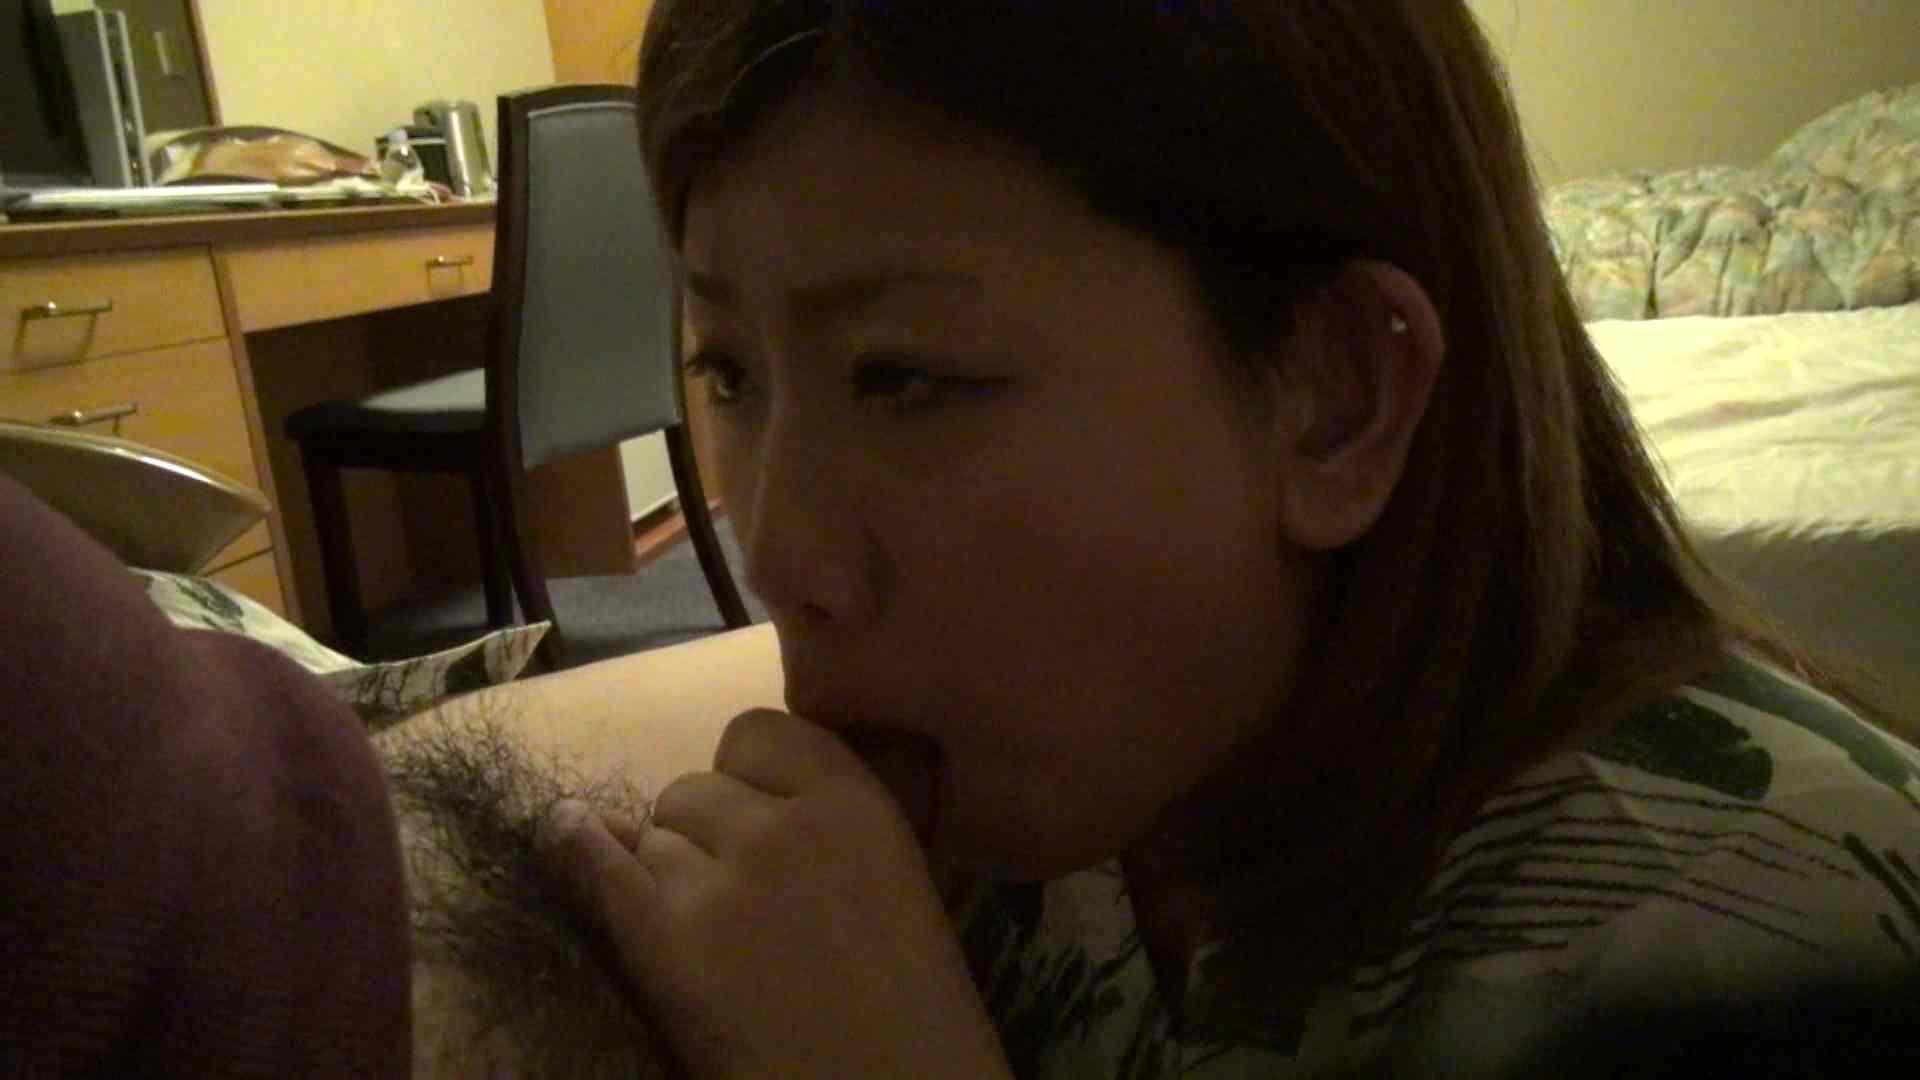 【悪戯の前】大助さんとの初めての撮影(まれまでと違って本人の意思としては・・・) ドキュメント | 悪戯  96枚 17